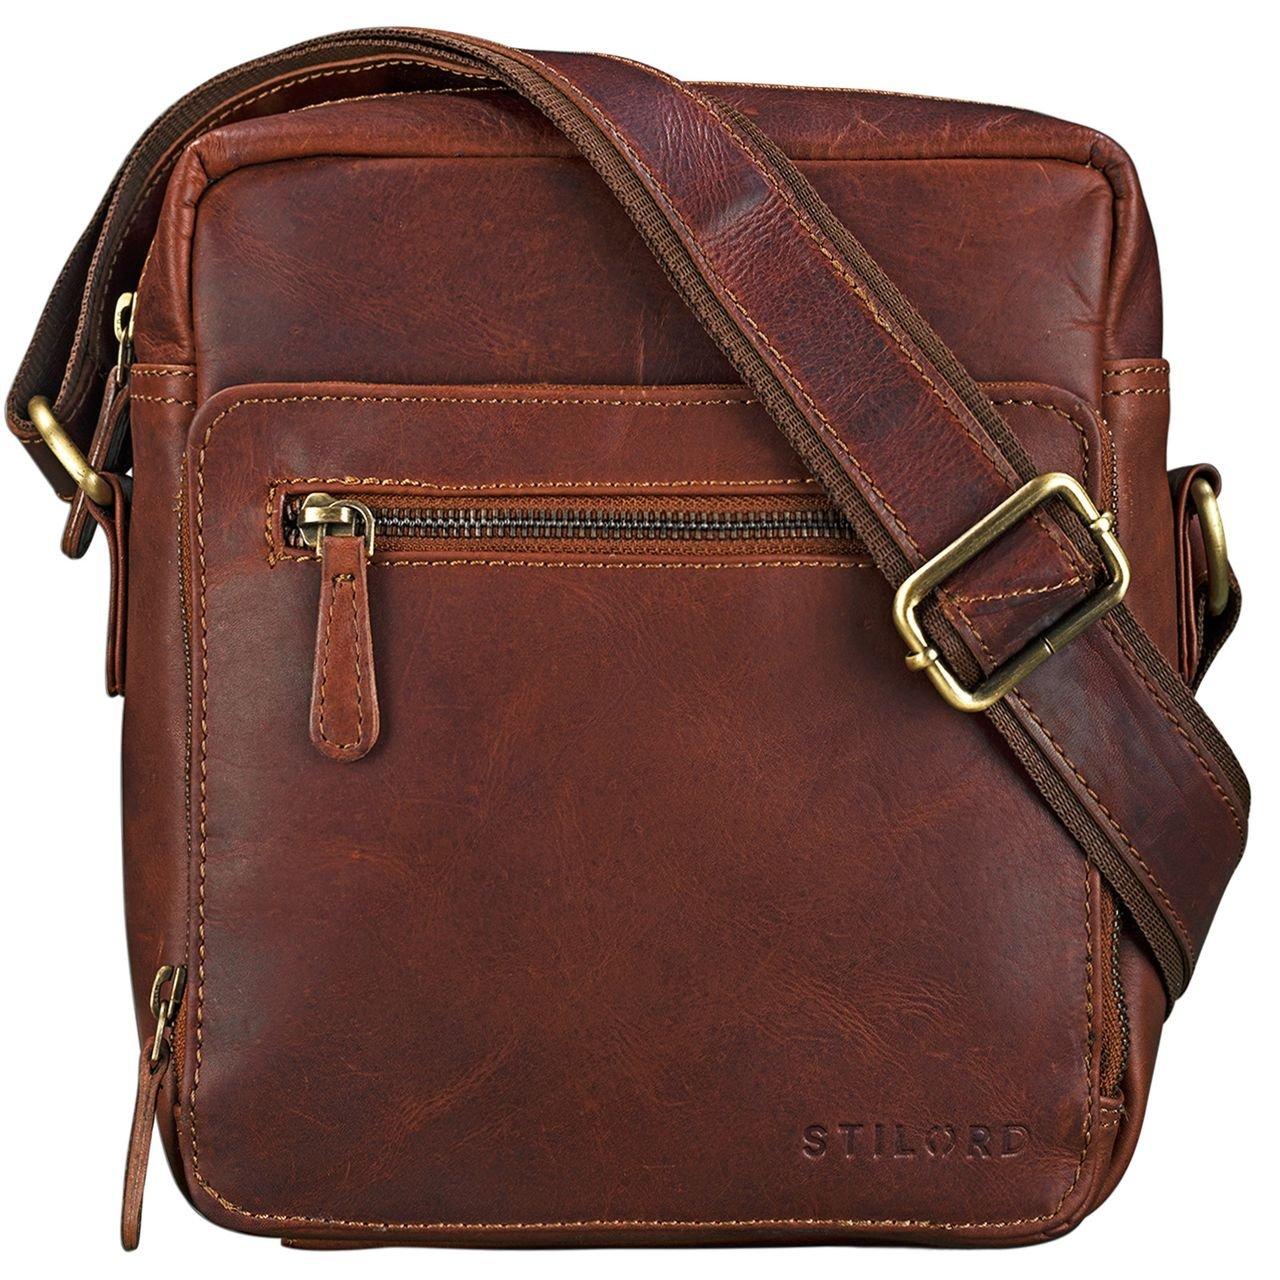 ce5292aed7 STILORD 'Nathan' Borsello da Uomo a tracolla in pelle Piccola borsa  messenger in Cuoio a Spalla per Viaggi Escursioni